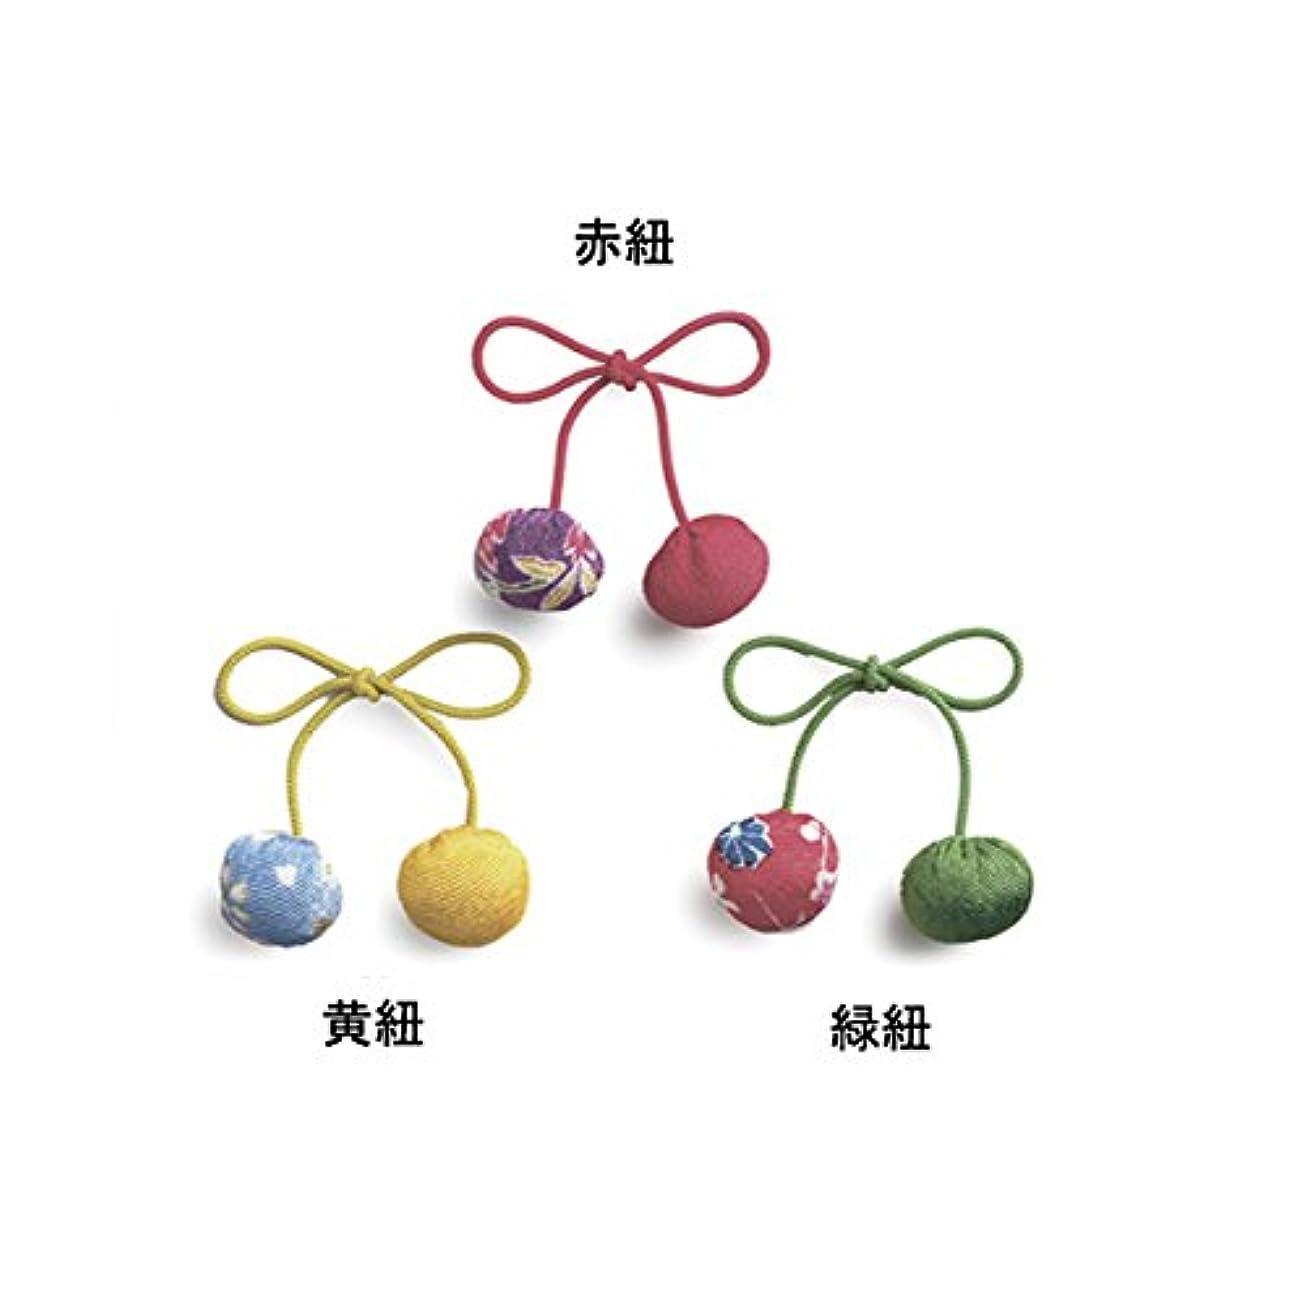 祝福する到着役立つ香り結び紐 (黄)